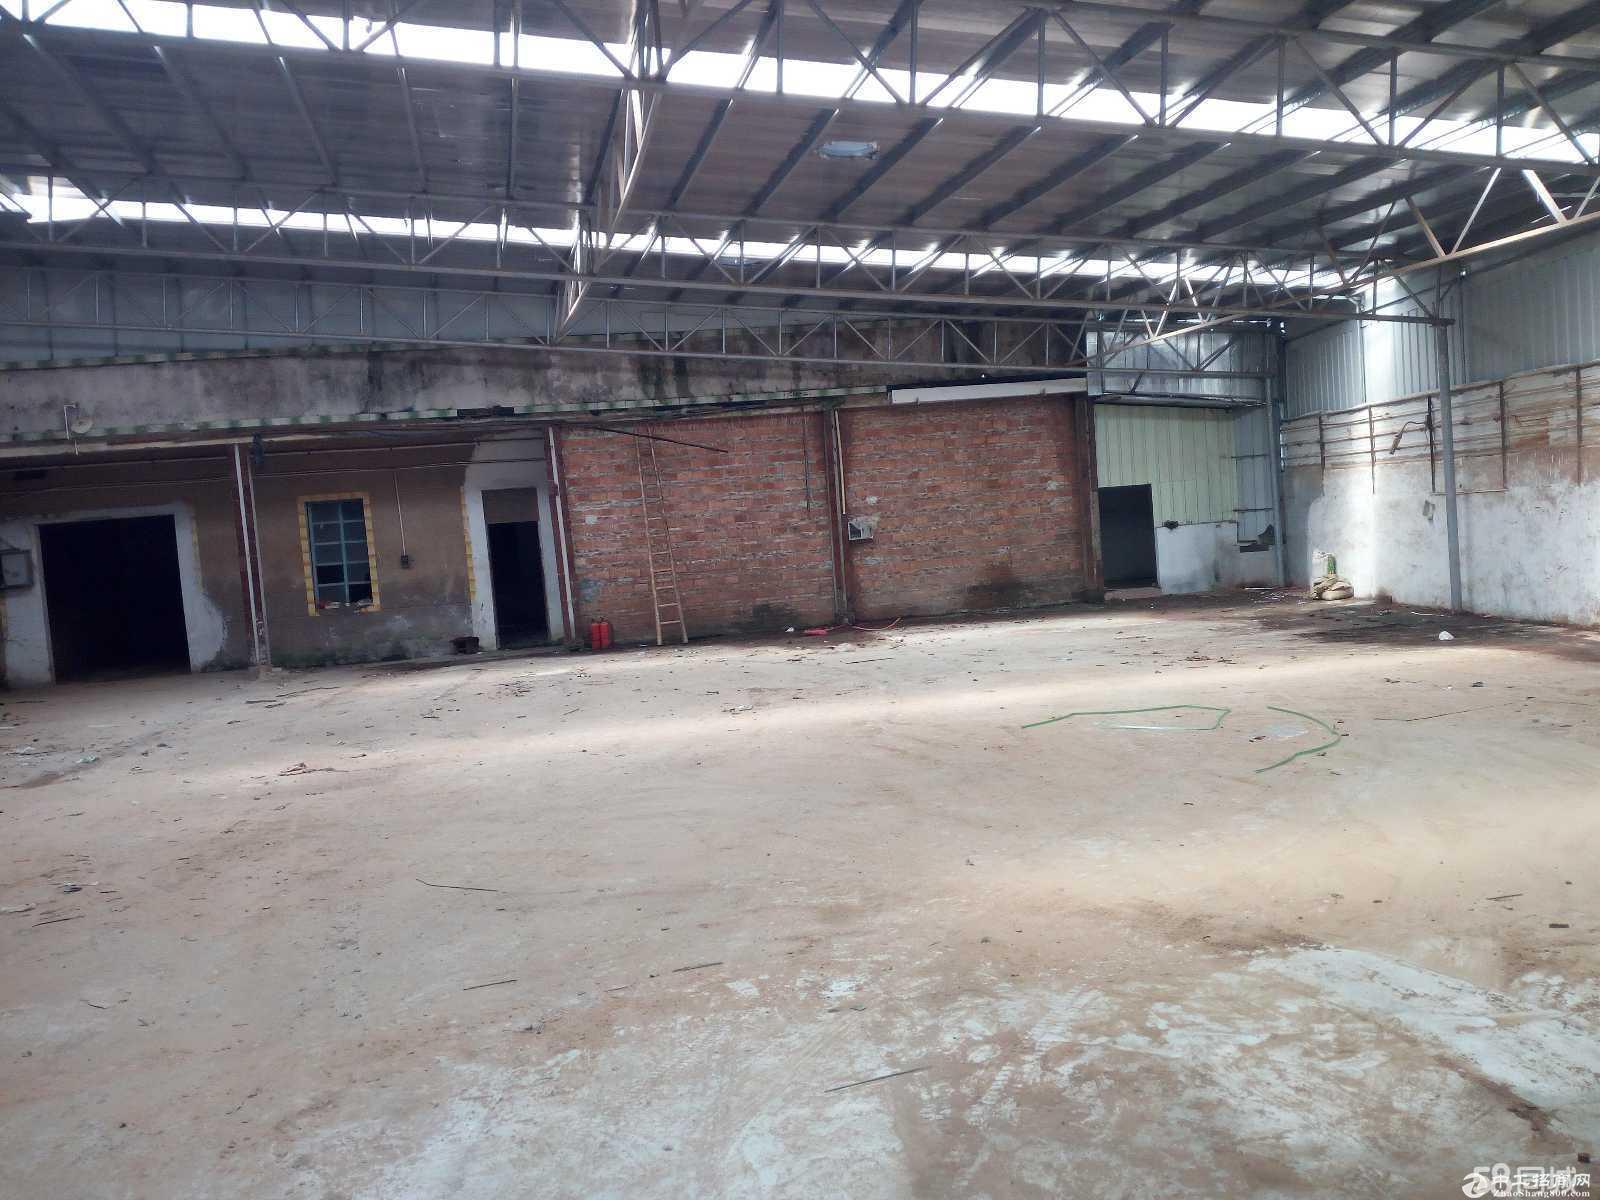 出租港口大南一楼厂房 仓库有300方的院子厂600方马路宽大-图3